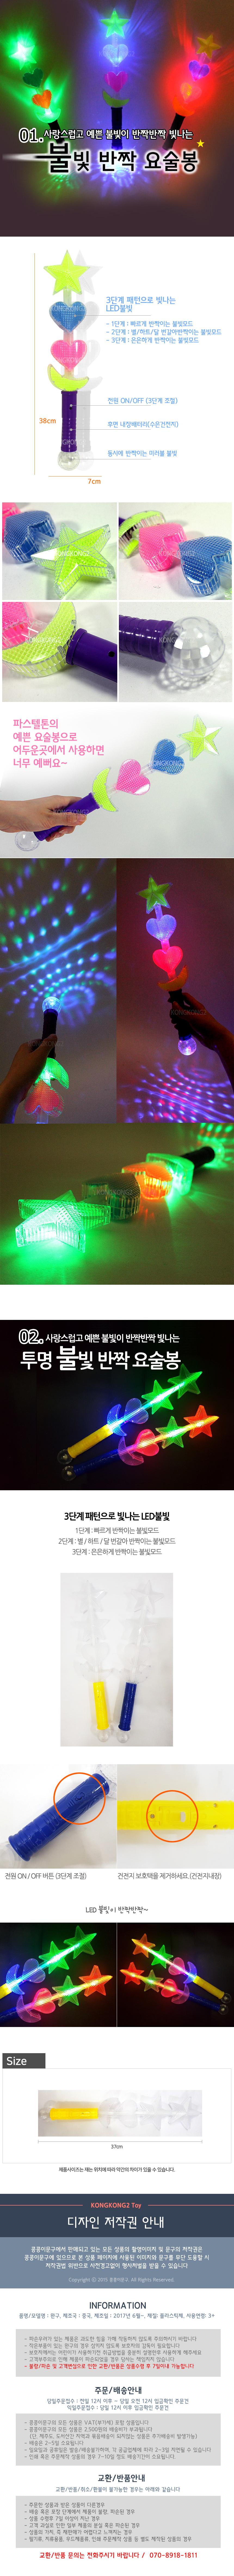 lightstick2.jpg